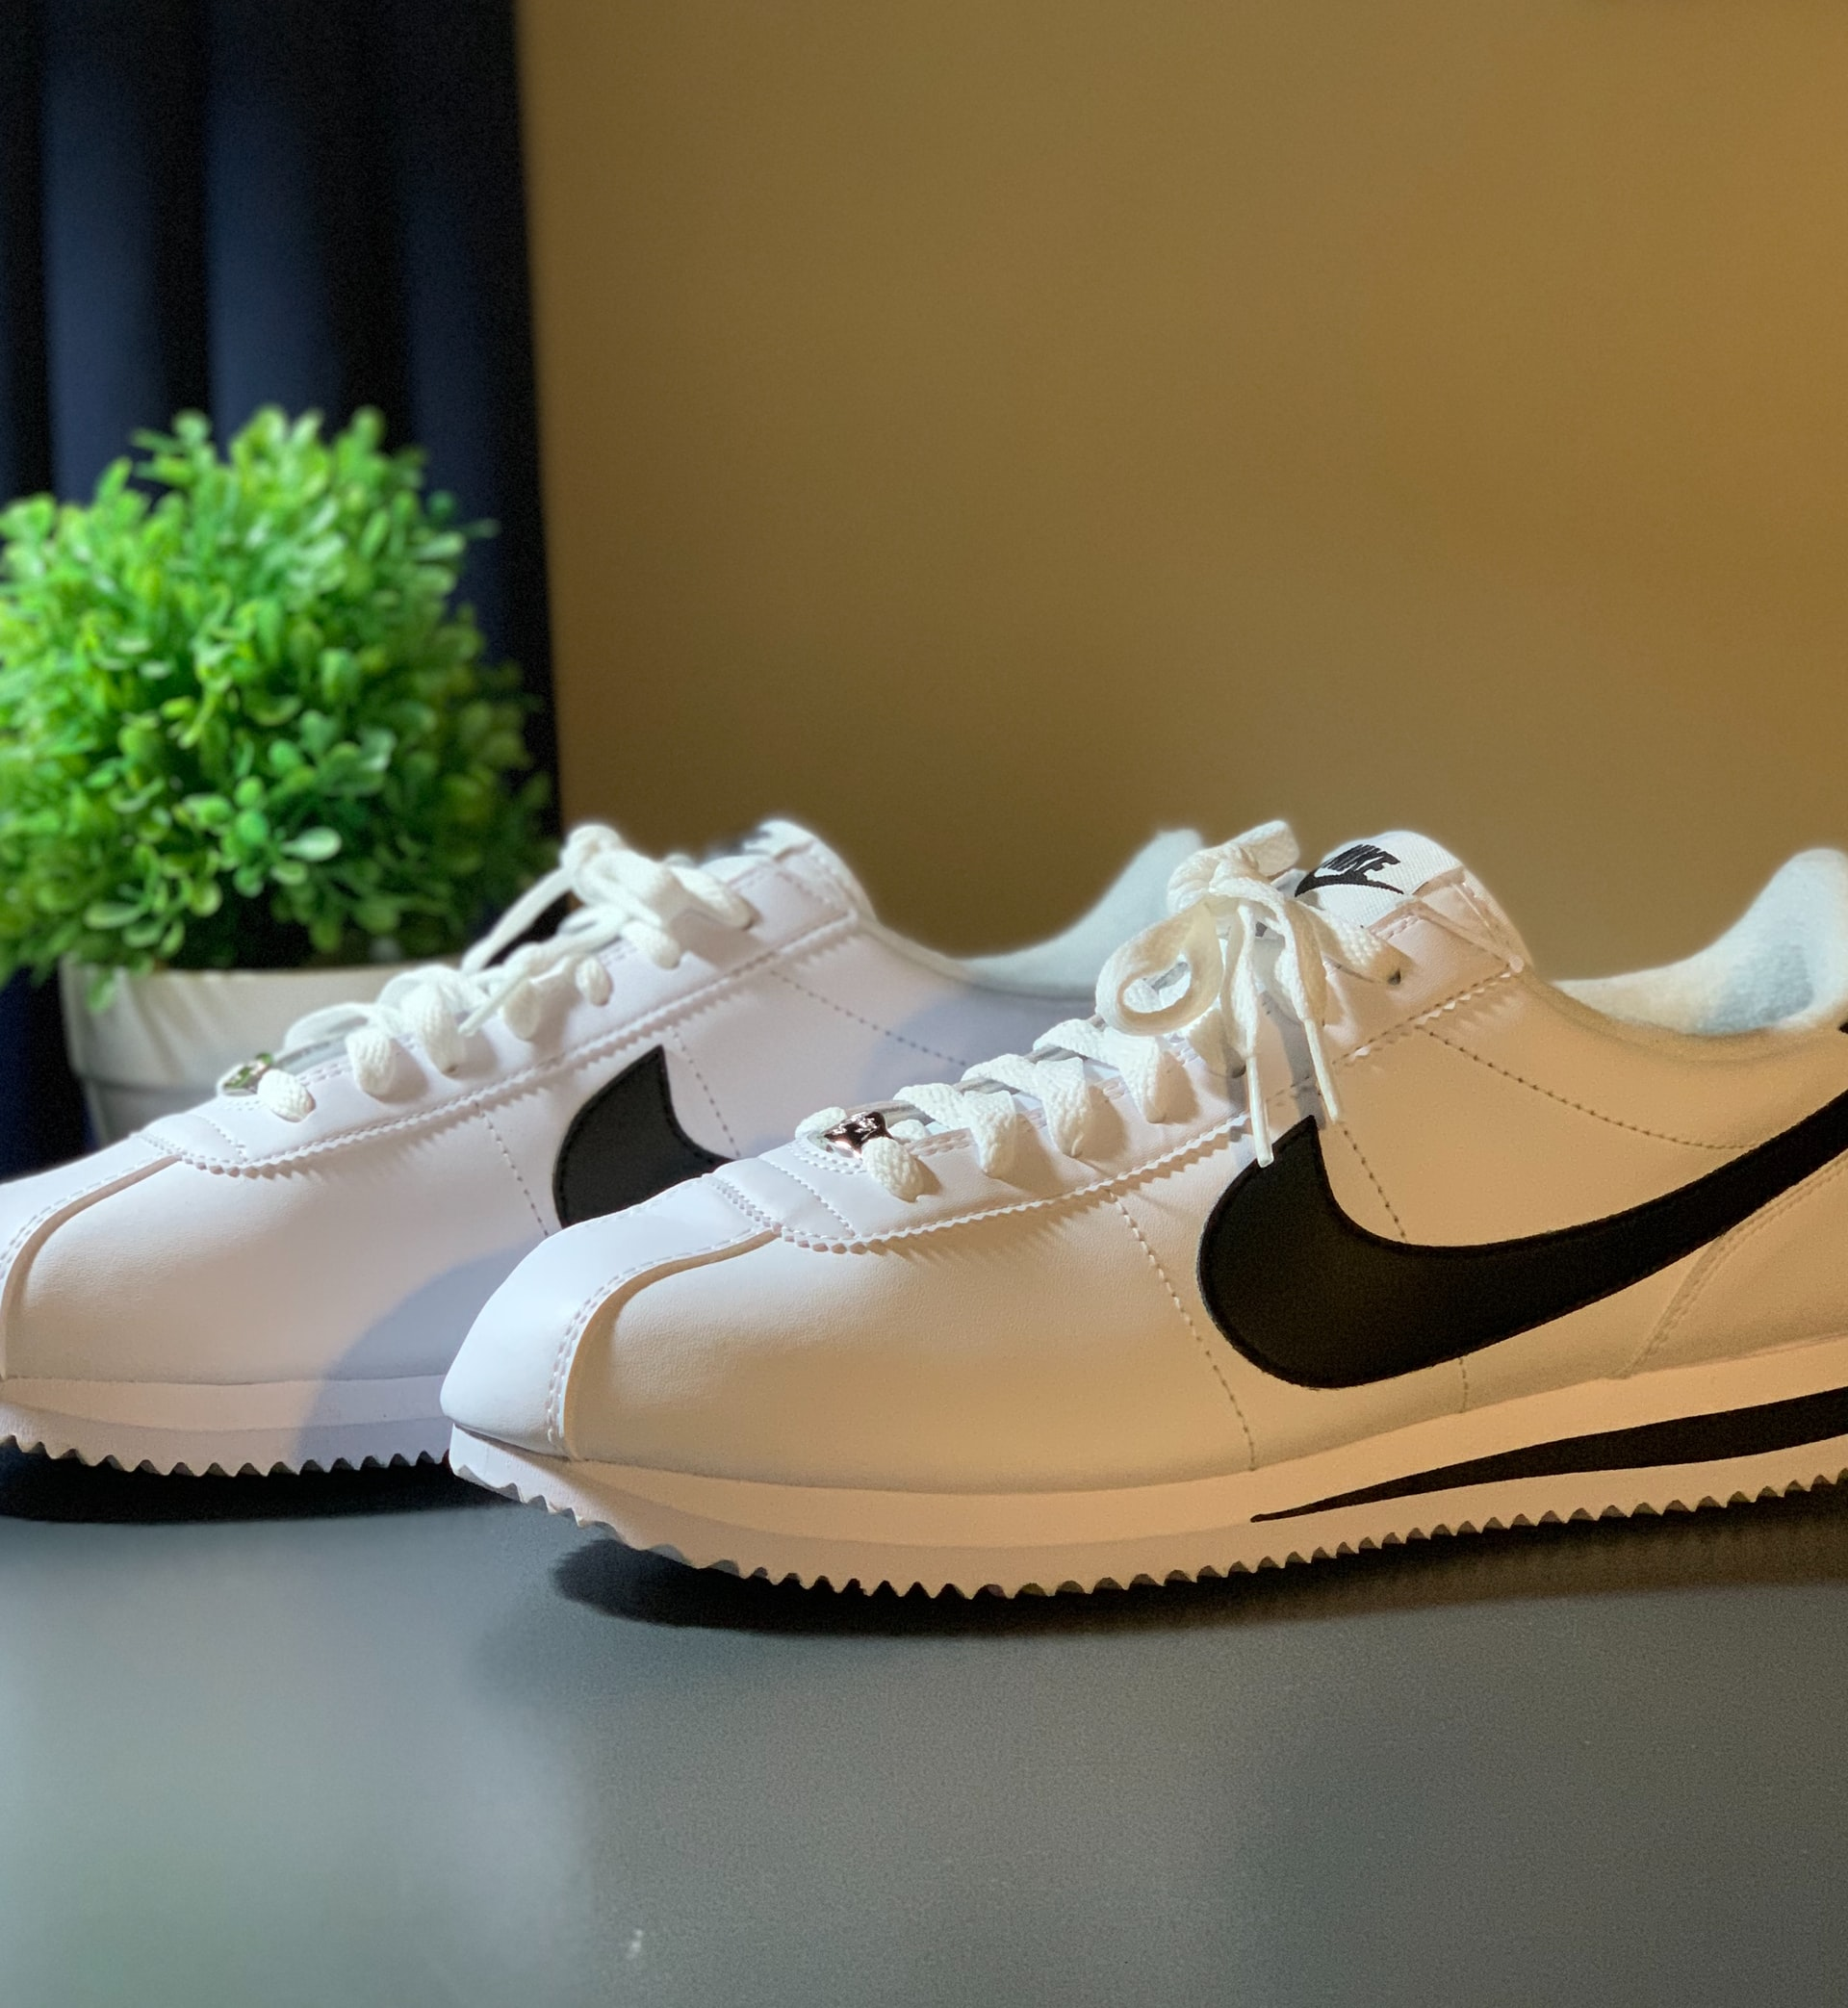 retro Nike sneakers